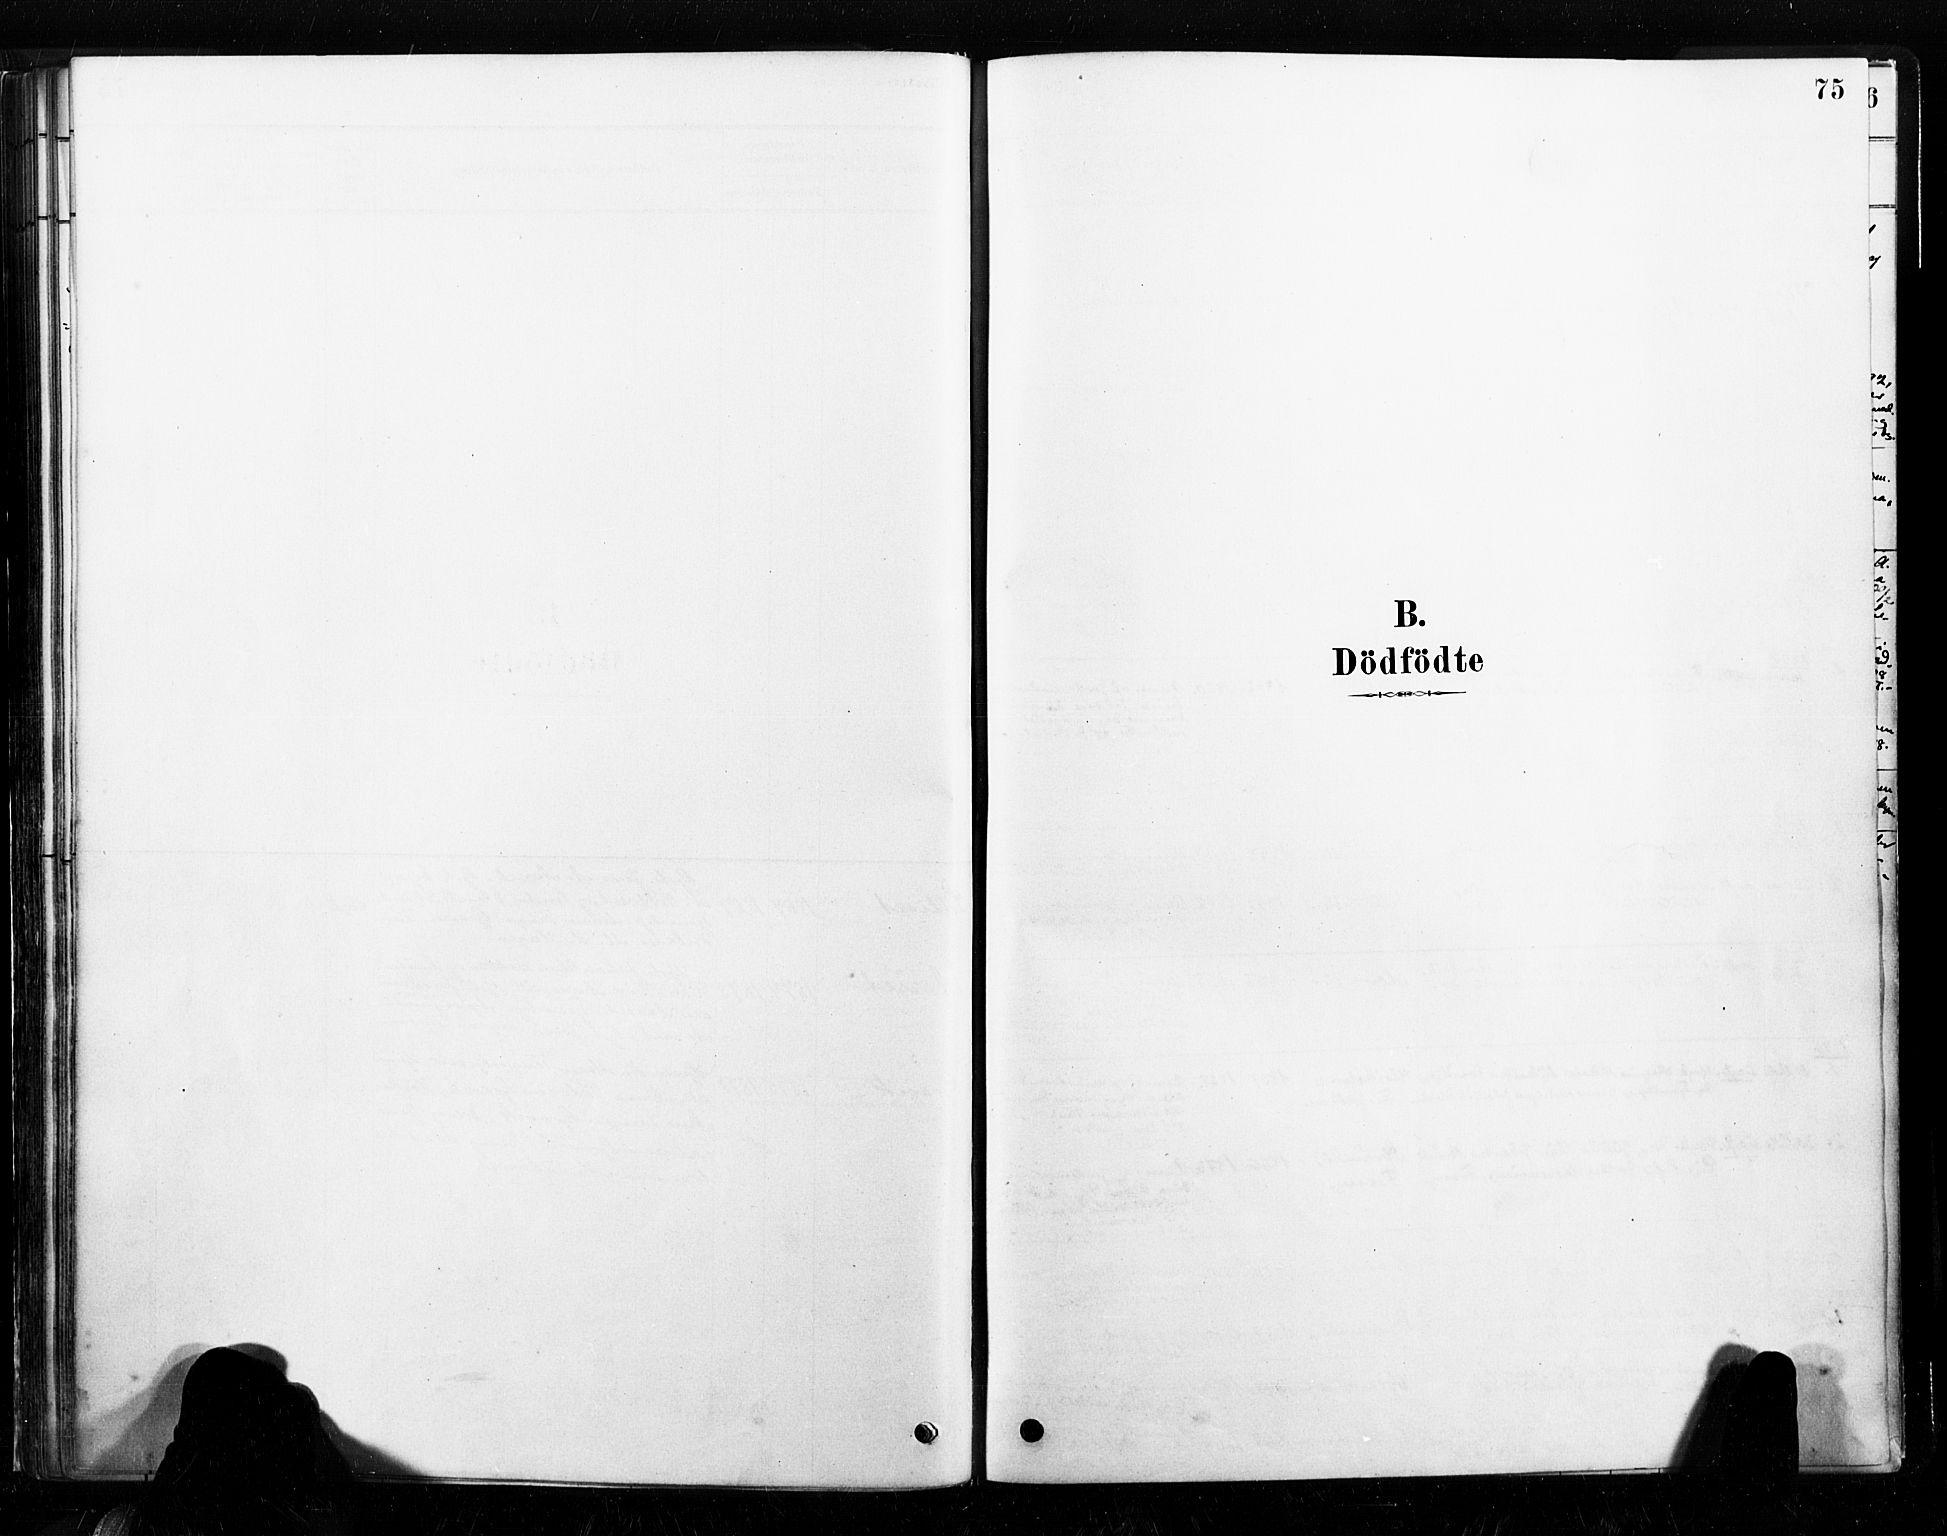 SAT, Ministerialprotokoller, klokkerbøker og fødselsregistre - Nord-Trøndelag, 789/L0705: Ministerialbok nr. 789A01, 1878-1910, s. 75